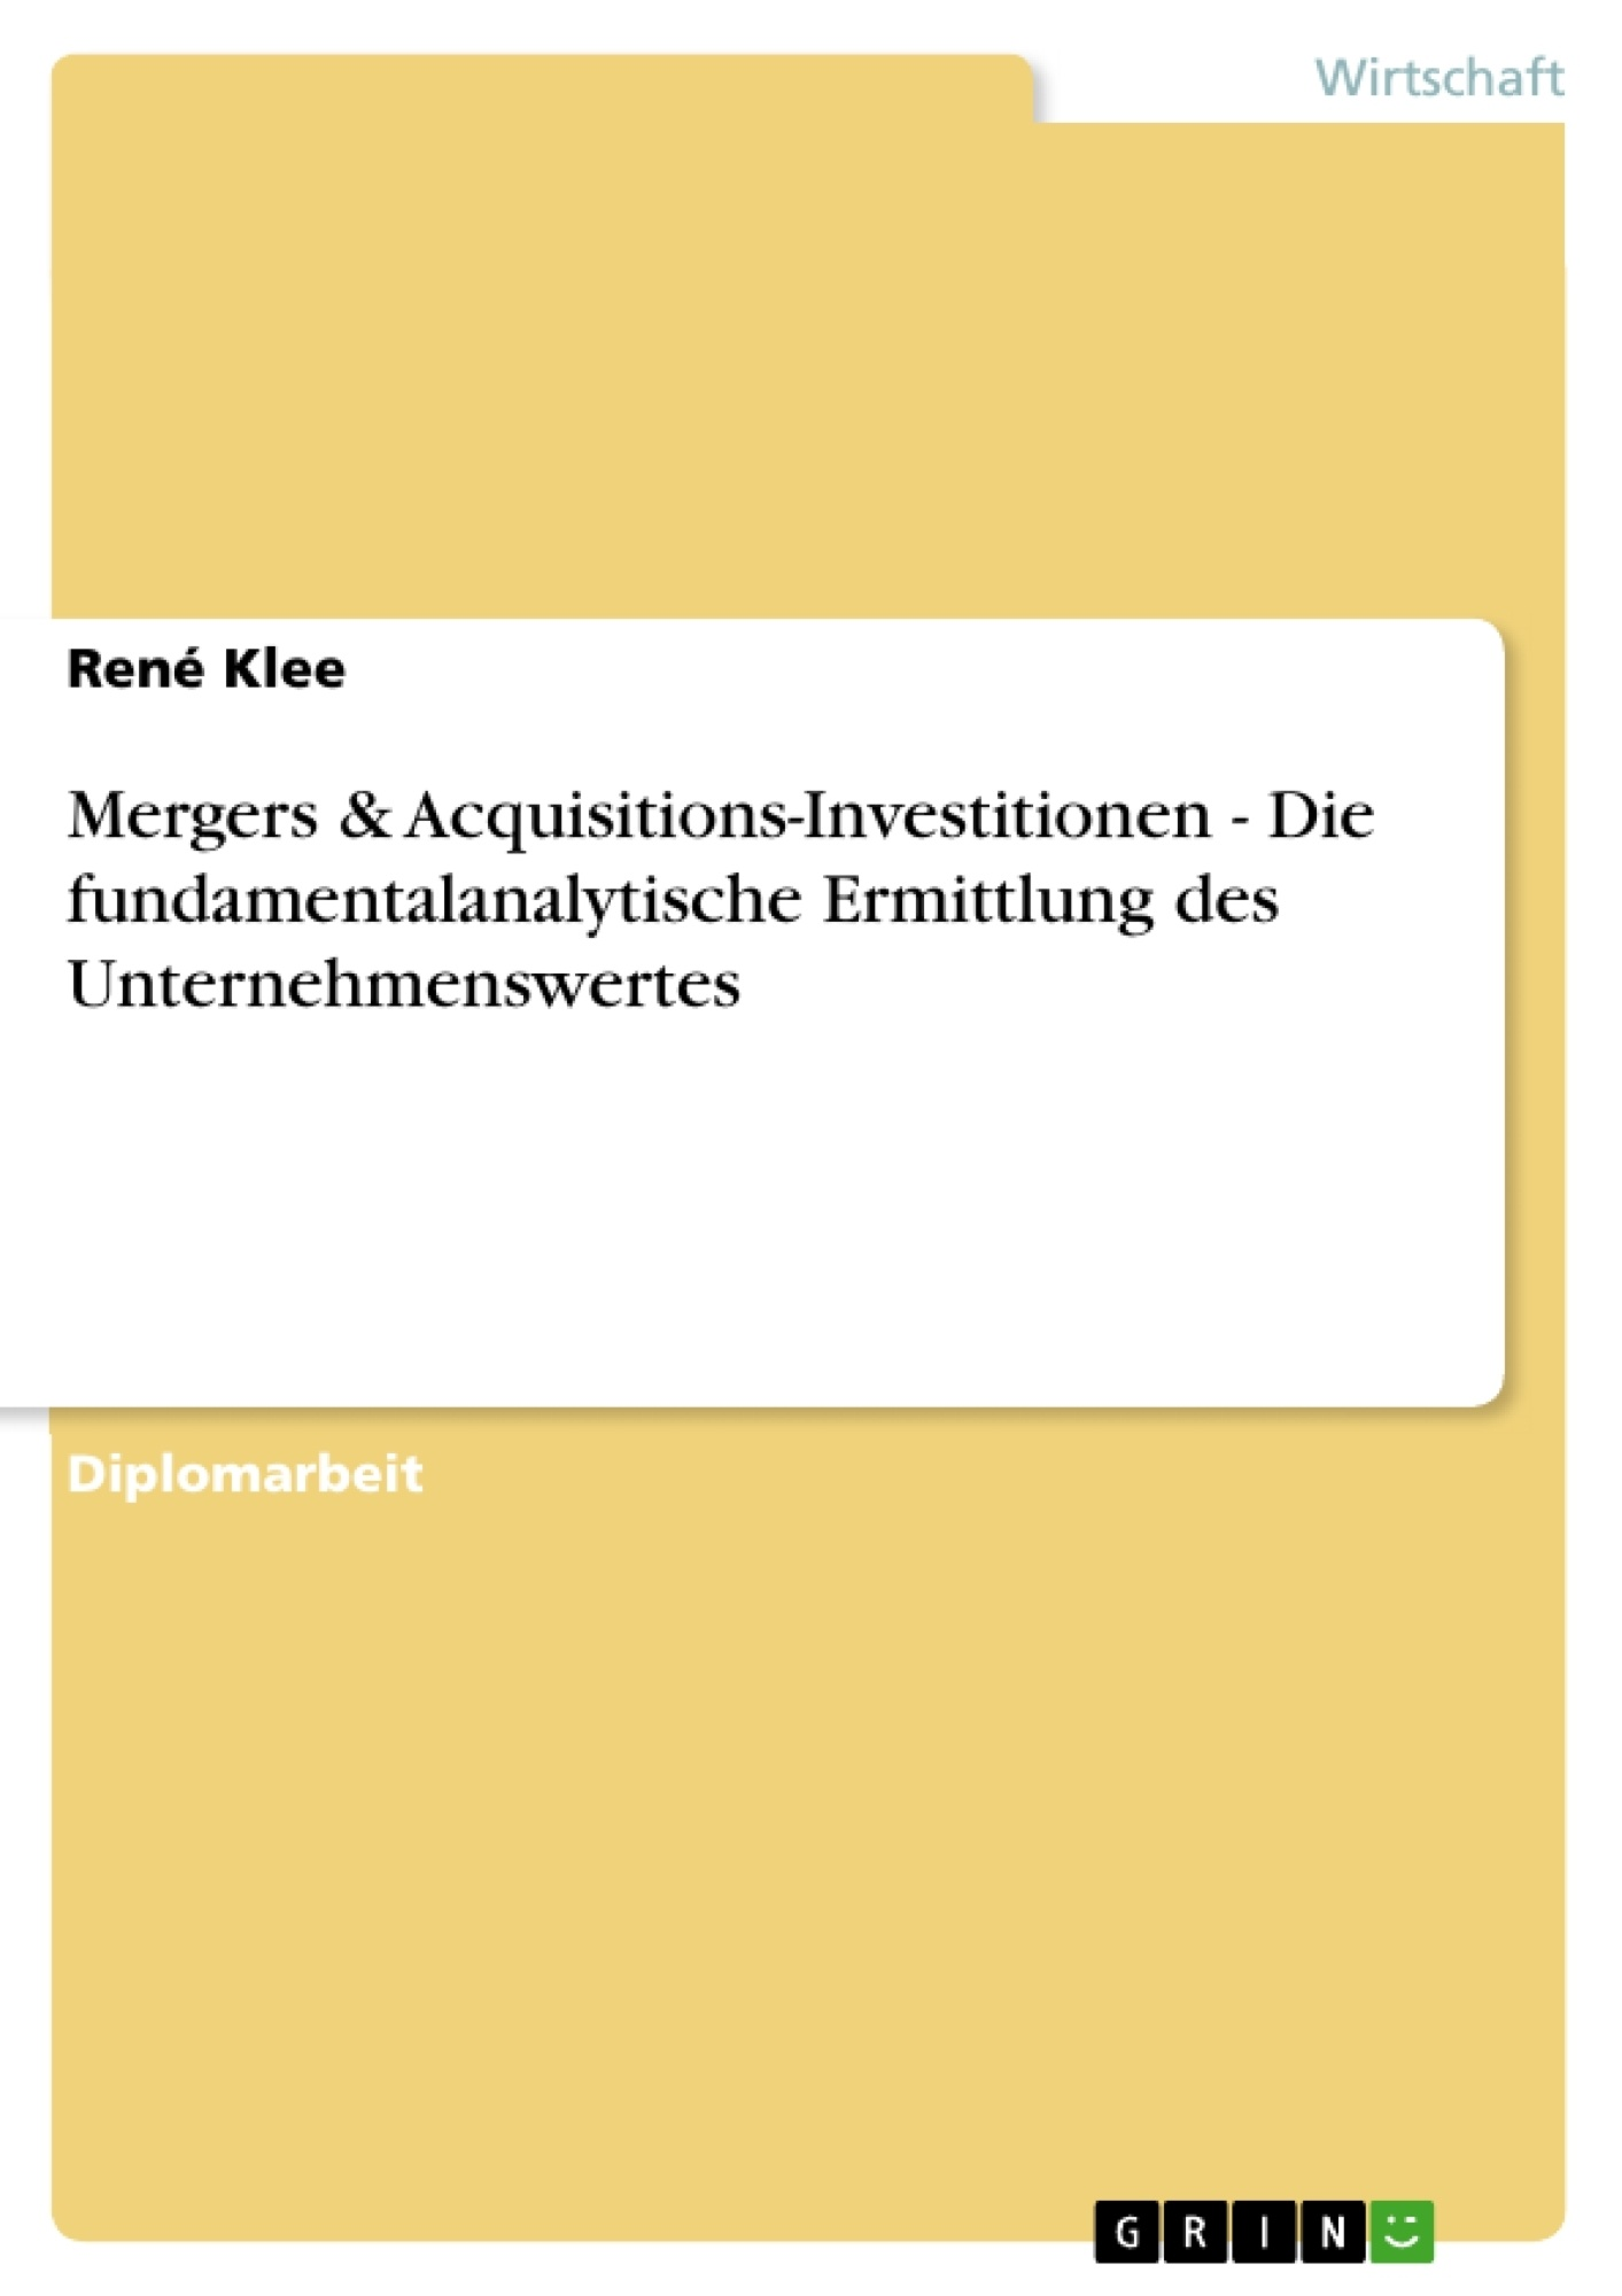 Titel: Mergers & Acquisitions-Investitionen - Die fundamentalanalytische Ermittlung des Unternehmenswertes